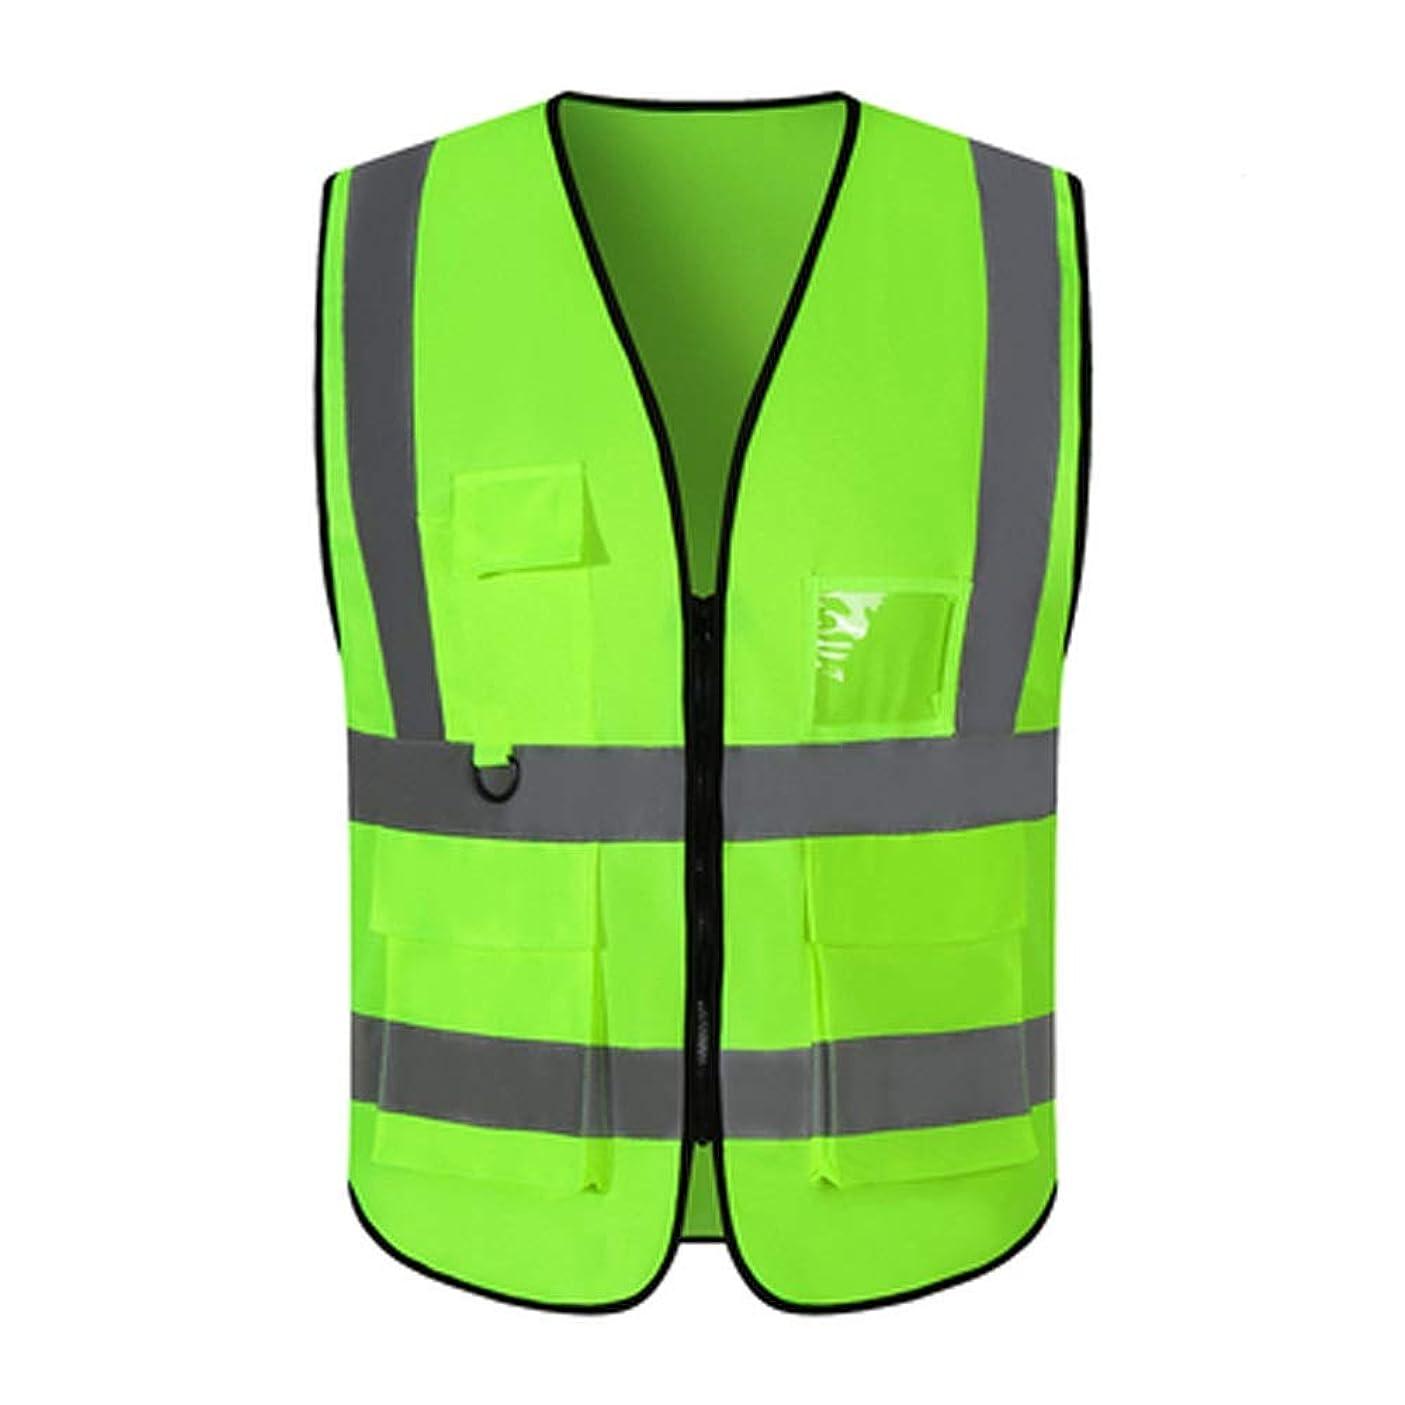 リーク正しくクアッガ視認性の高い保護反射ベスト夜間乗馬用ハイライト警告反射ベストマルチポケット蛍光服反射ベスト (Color : Green)